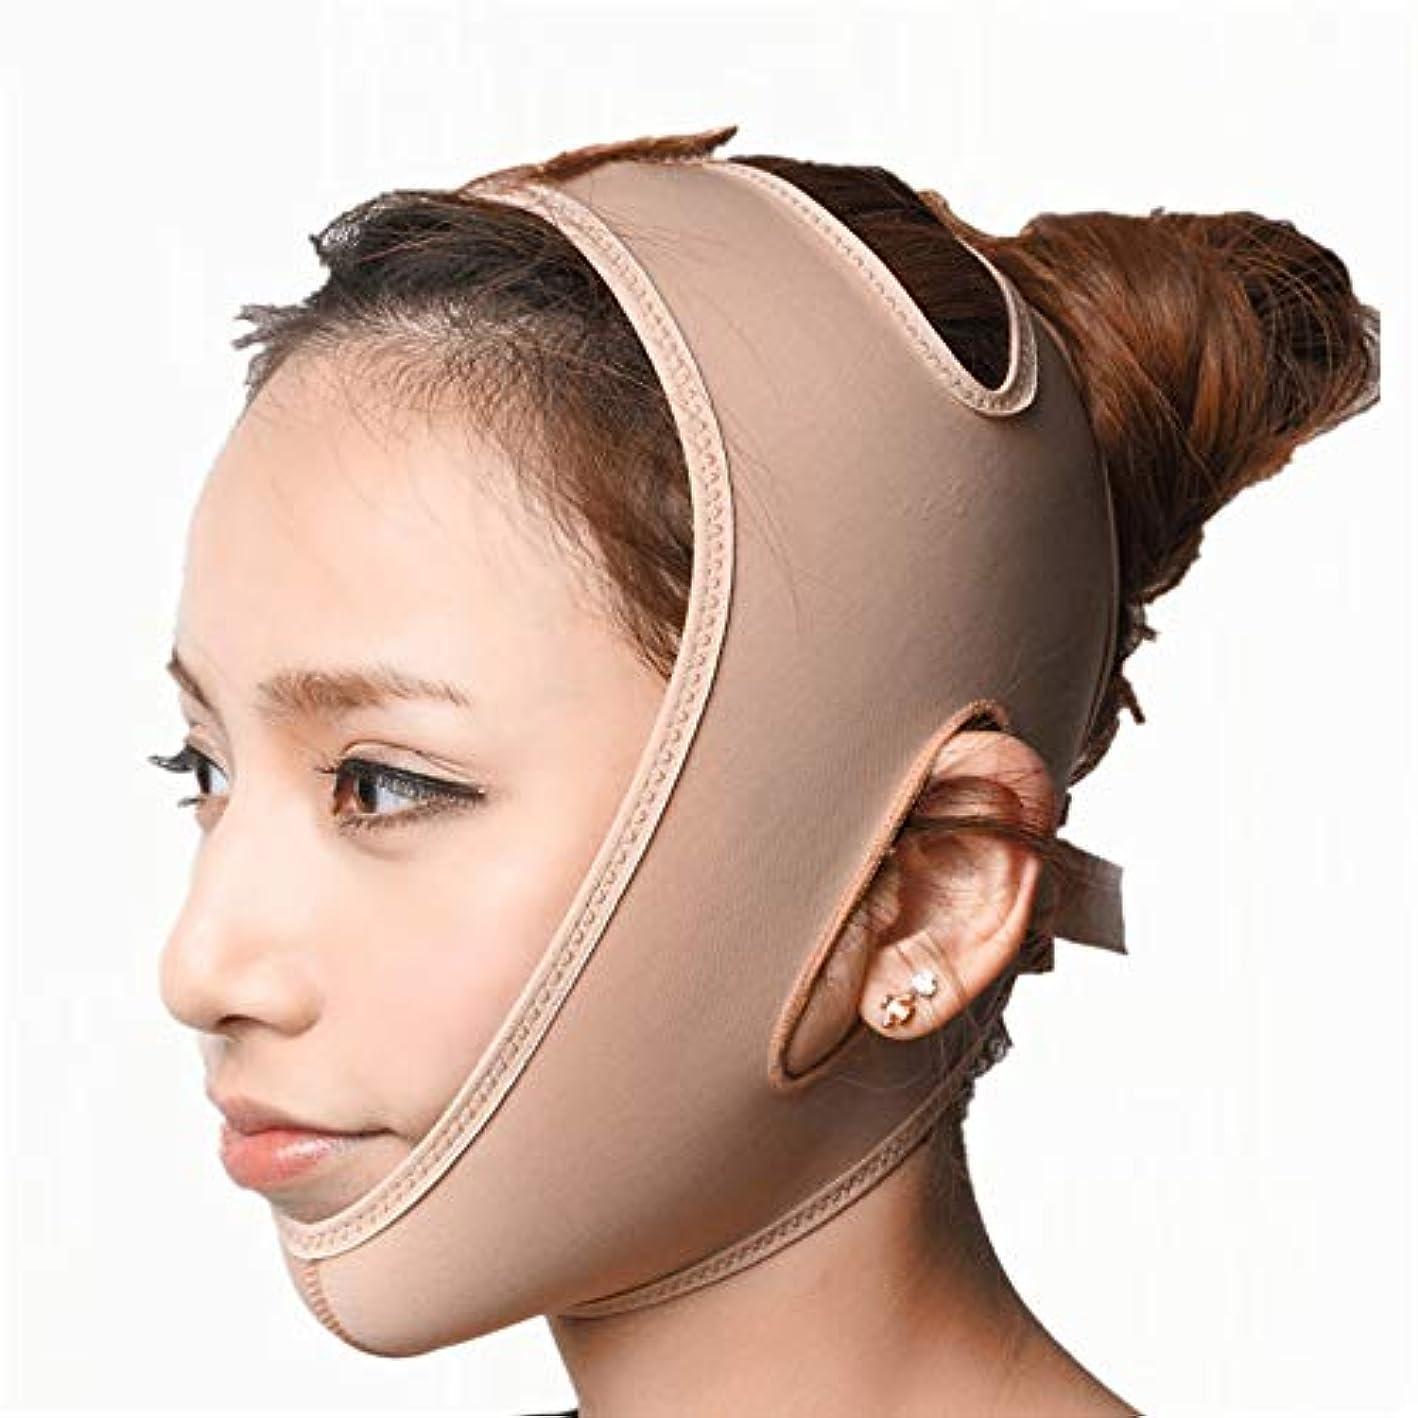 キャンペーン鉱石逆説薄い顔のベルト - 薄い顔のアーチファクトVの顔の包帯マスクの顔のマッサージャー薄いダブルの顎のデバイス